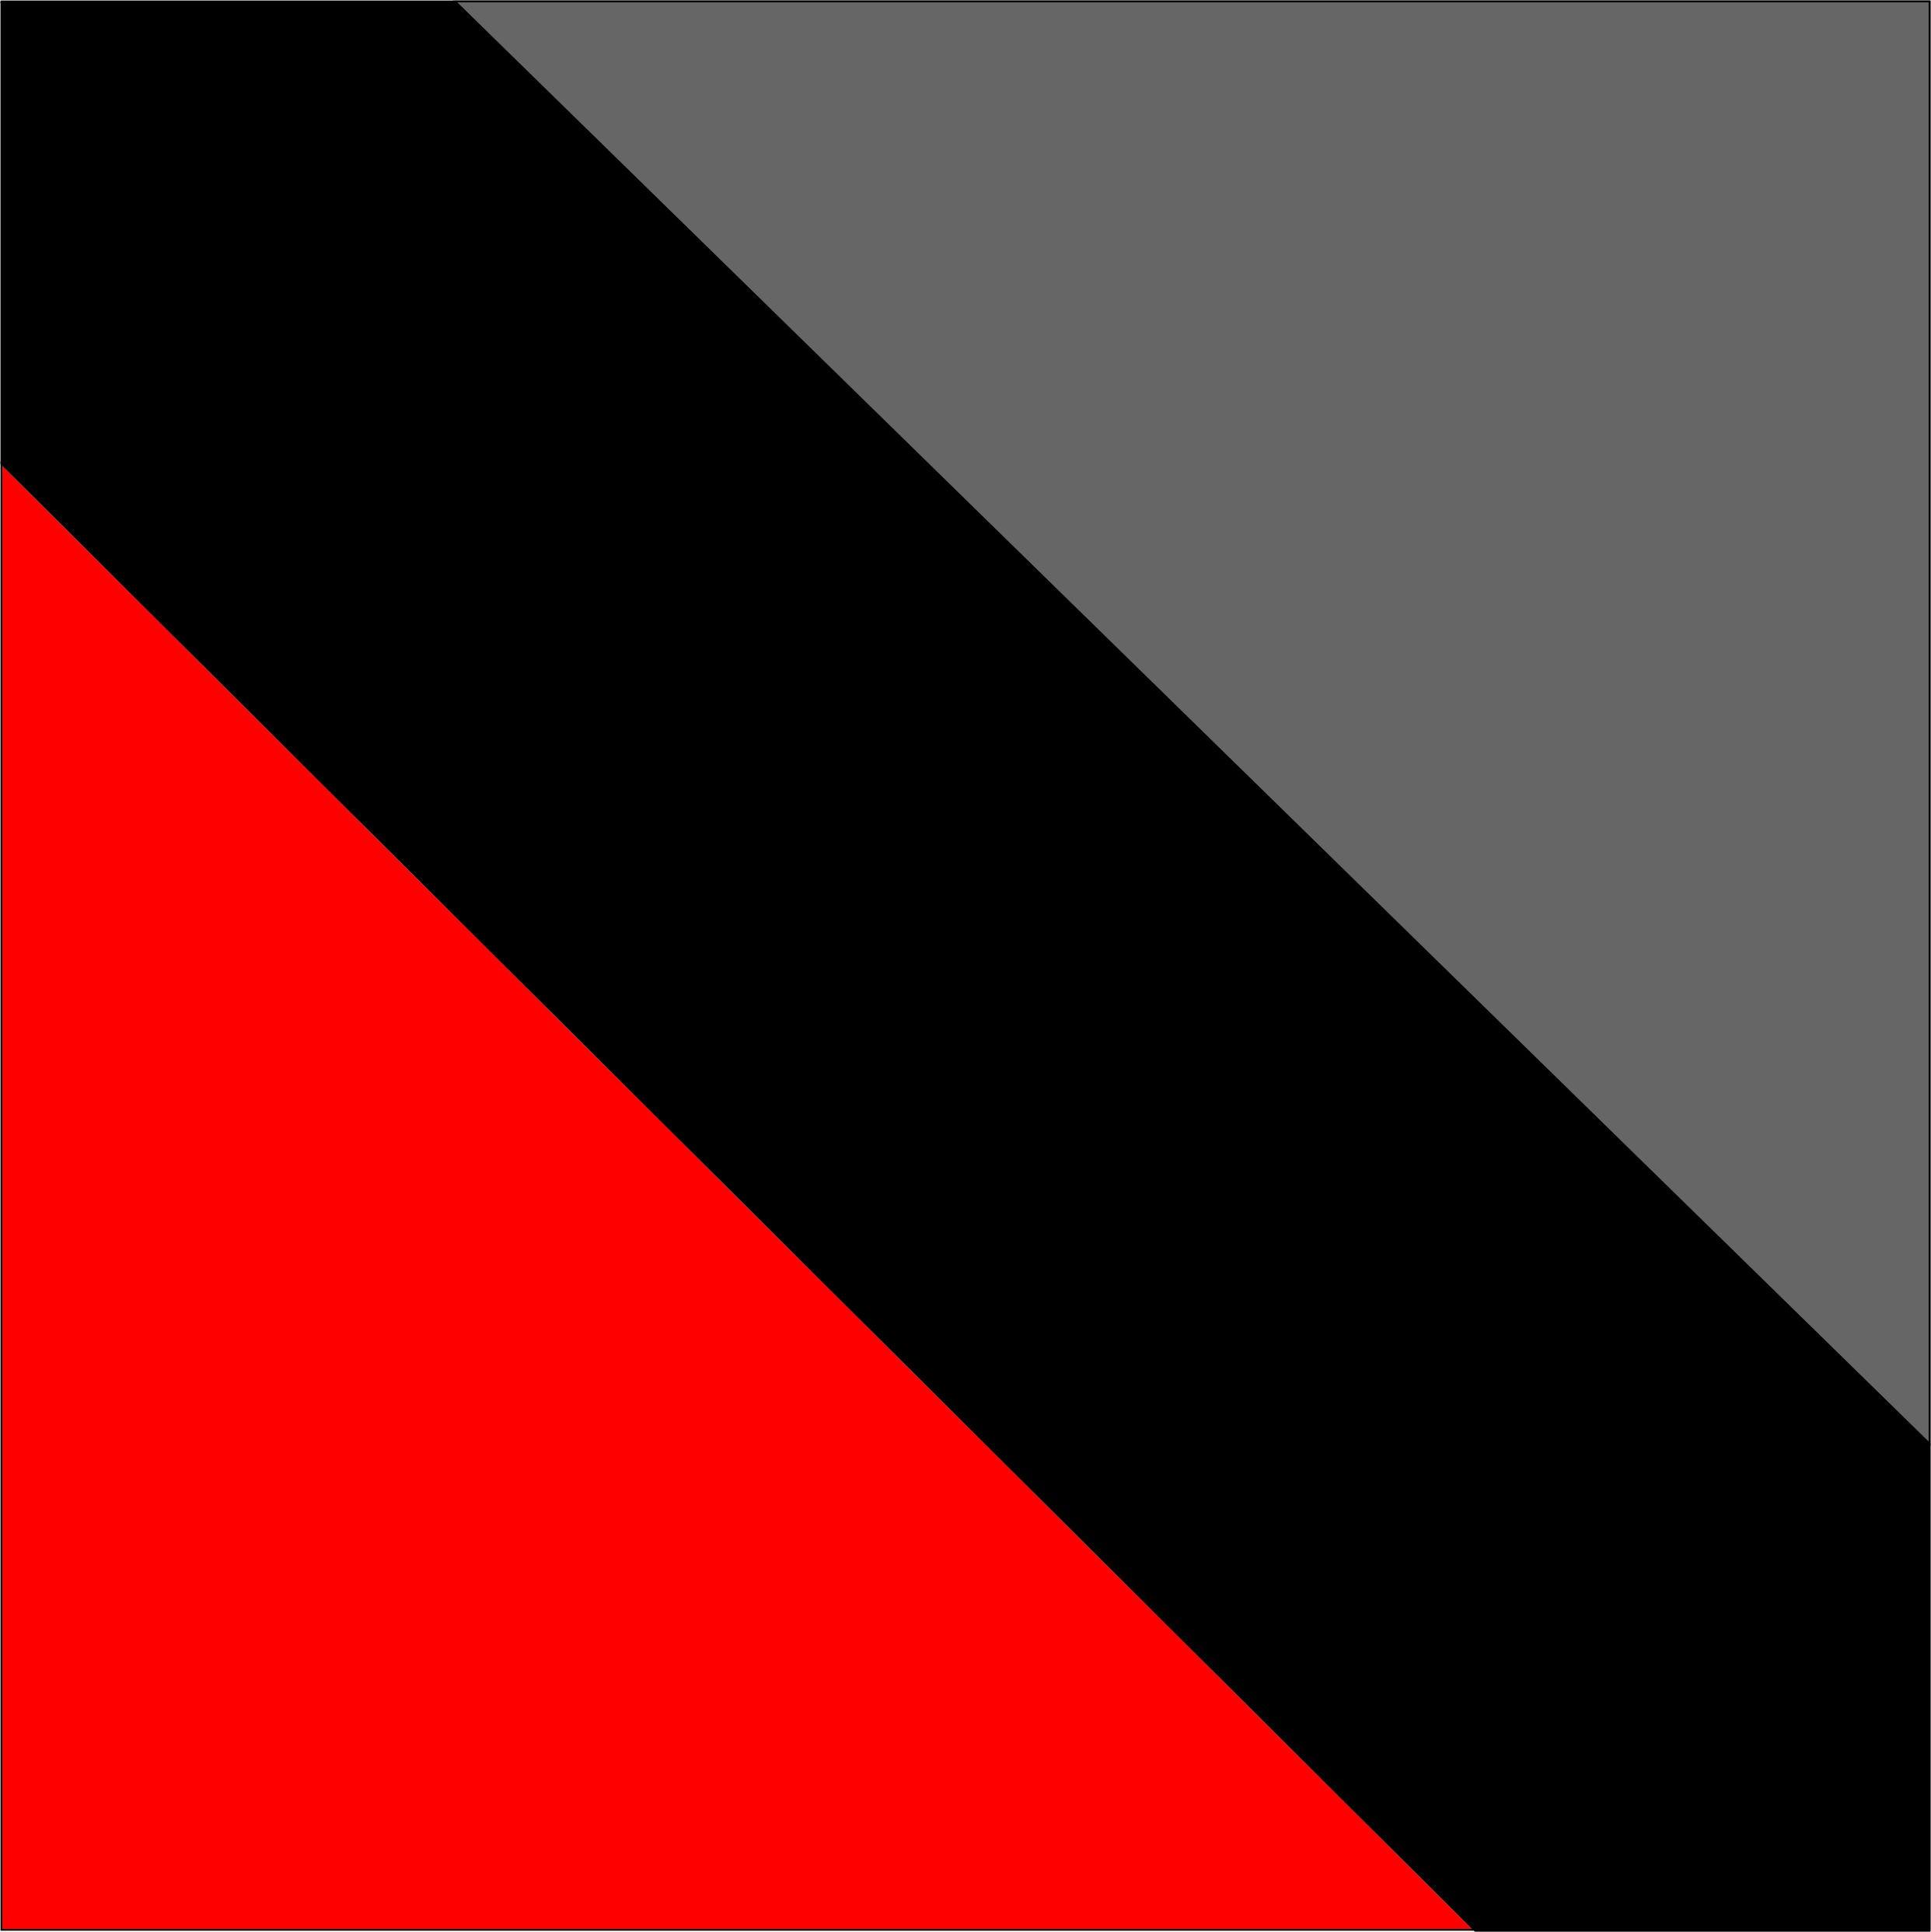 czerwony/czarny/szary